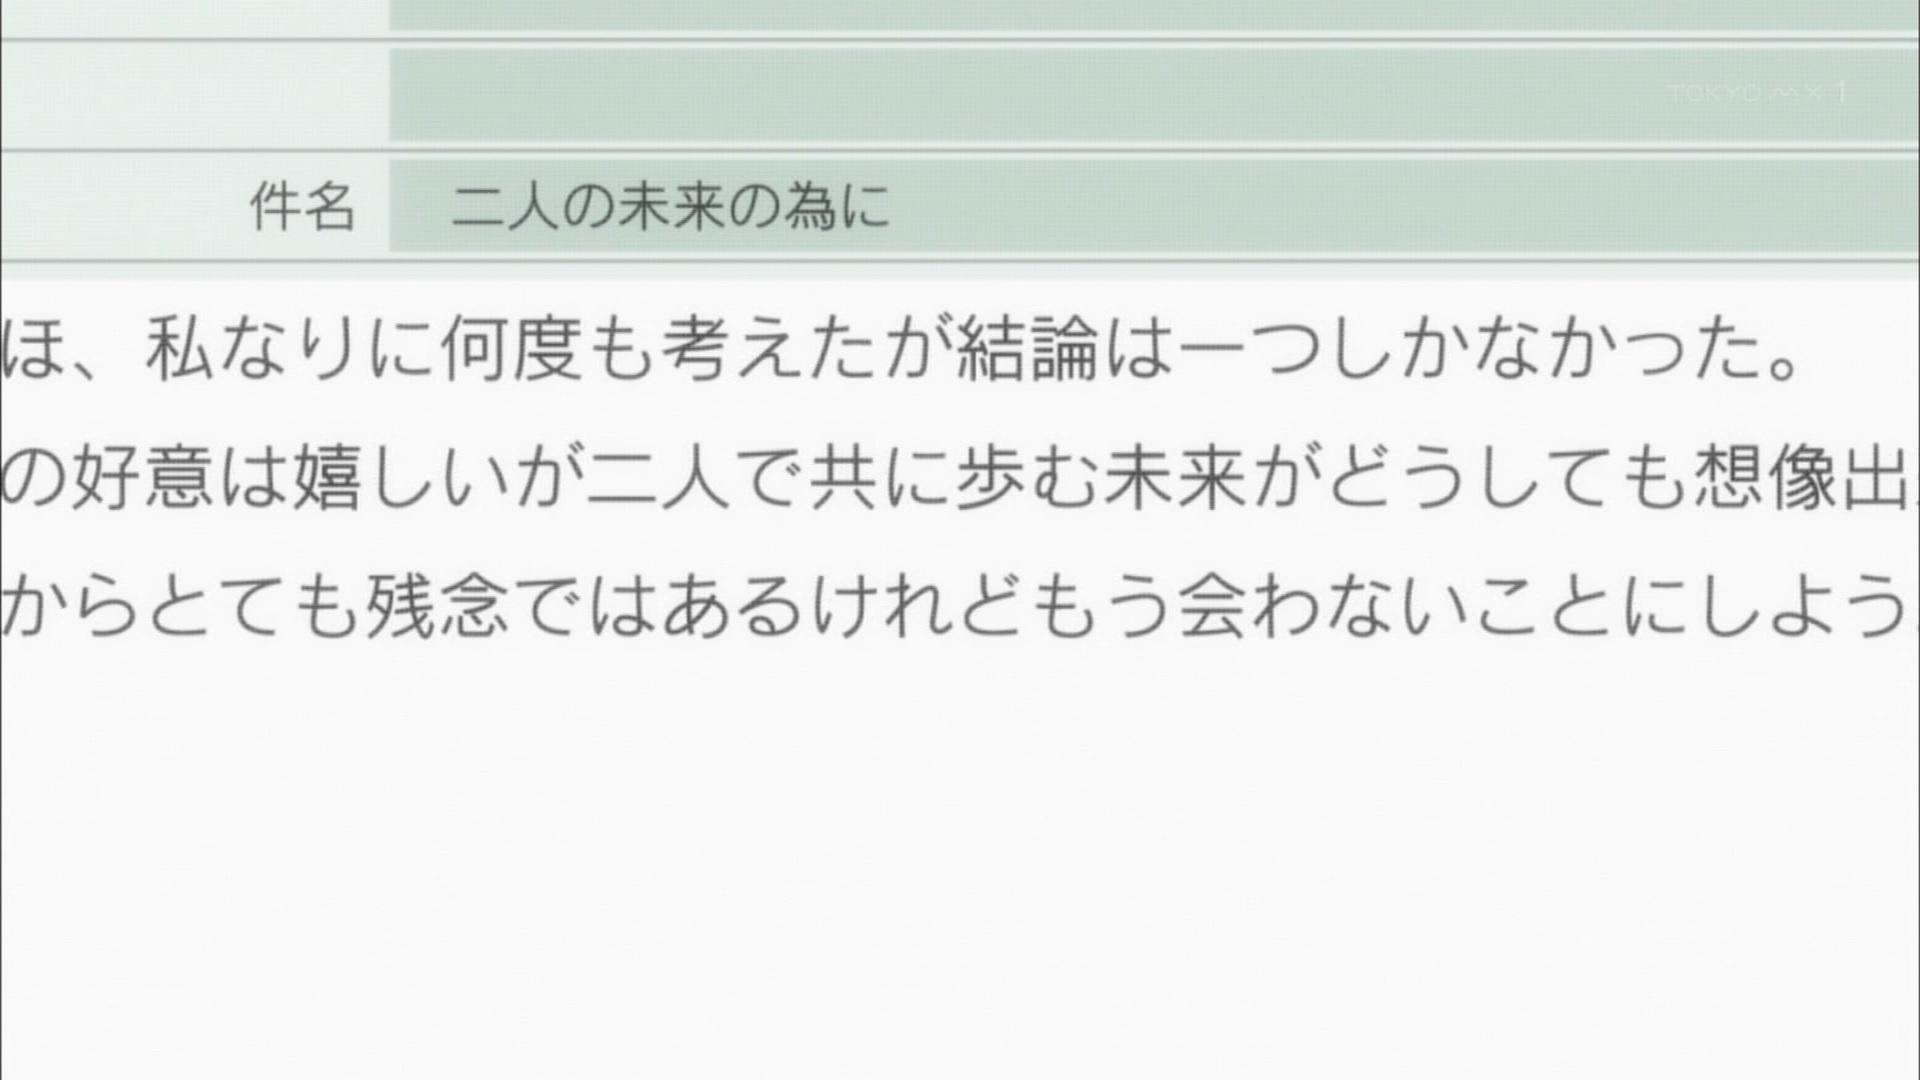 凡河内みほにメールを送る瀬名颯一郎